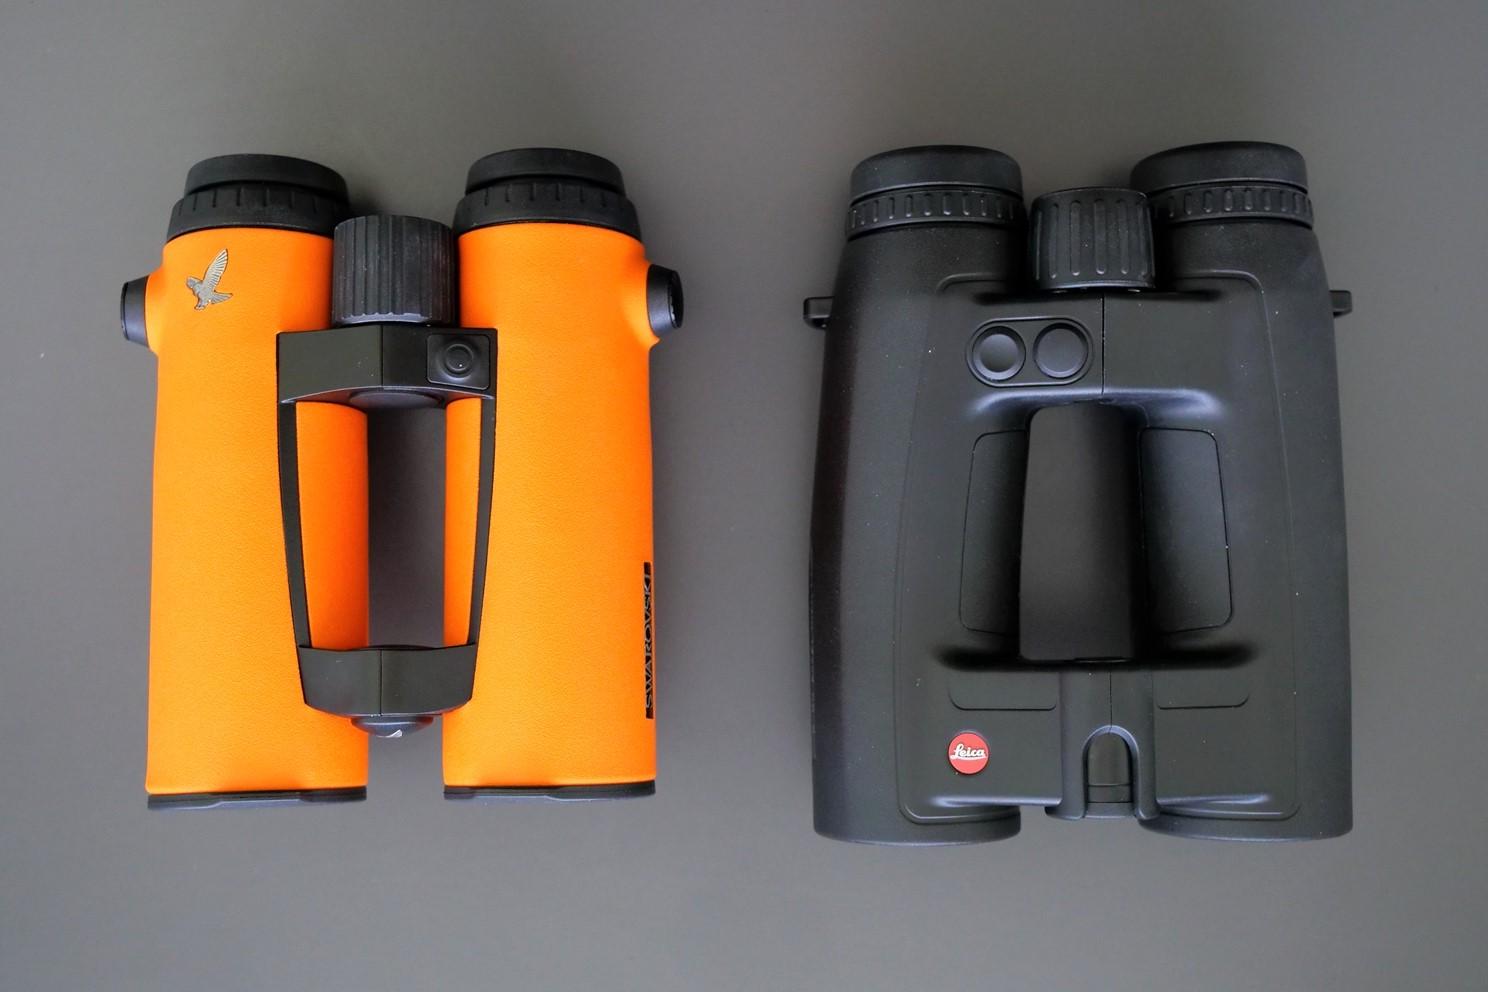 Swarovski EL O-Range 10x42 W B and Leica Geovid 10x42 HD-B